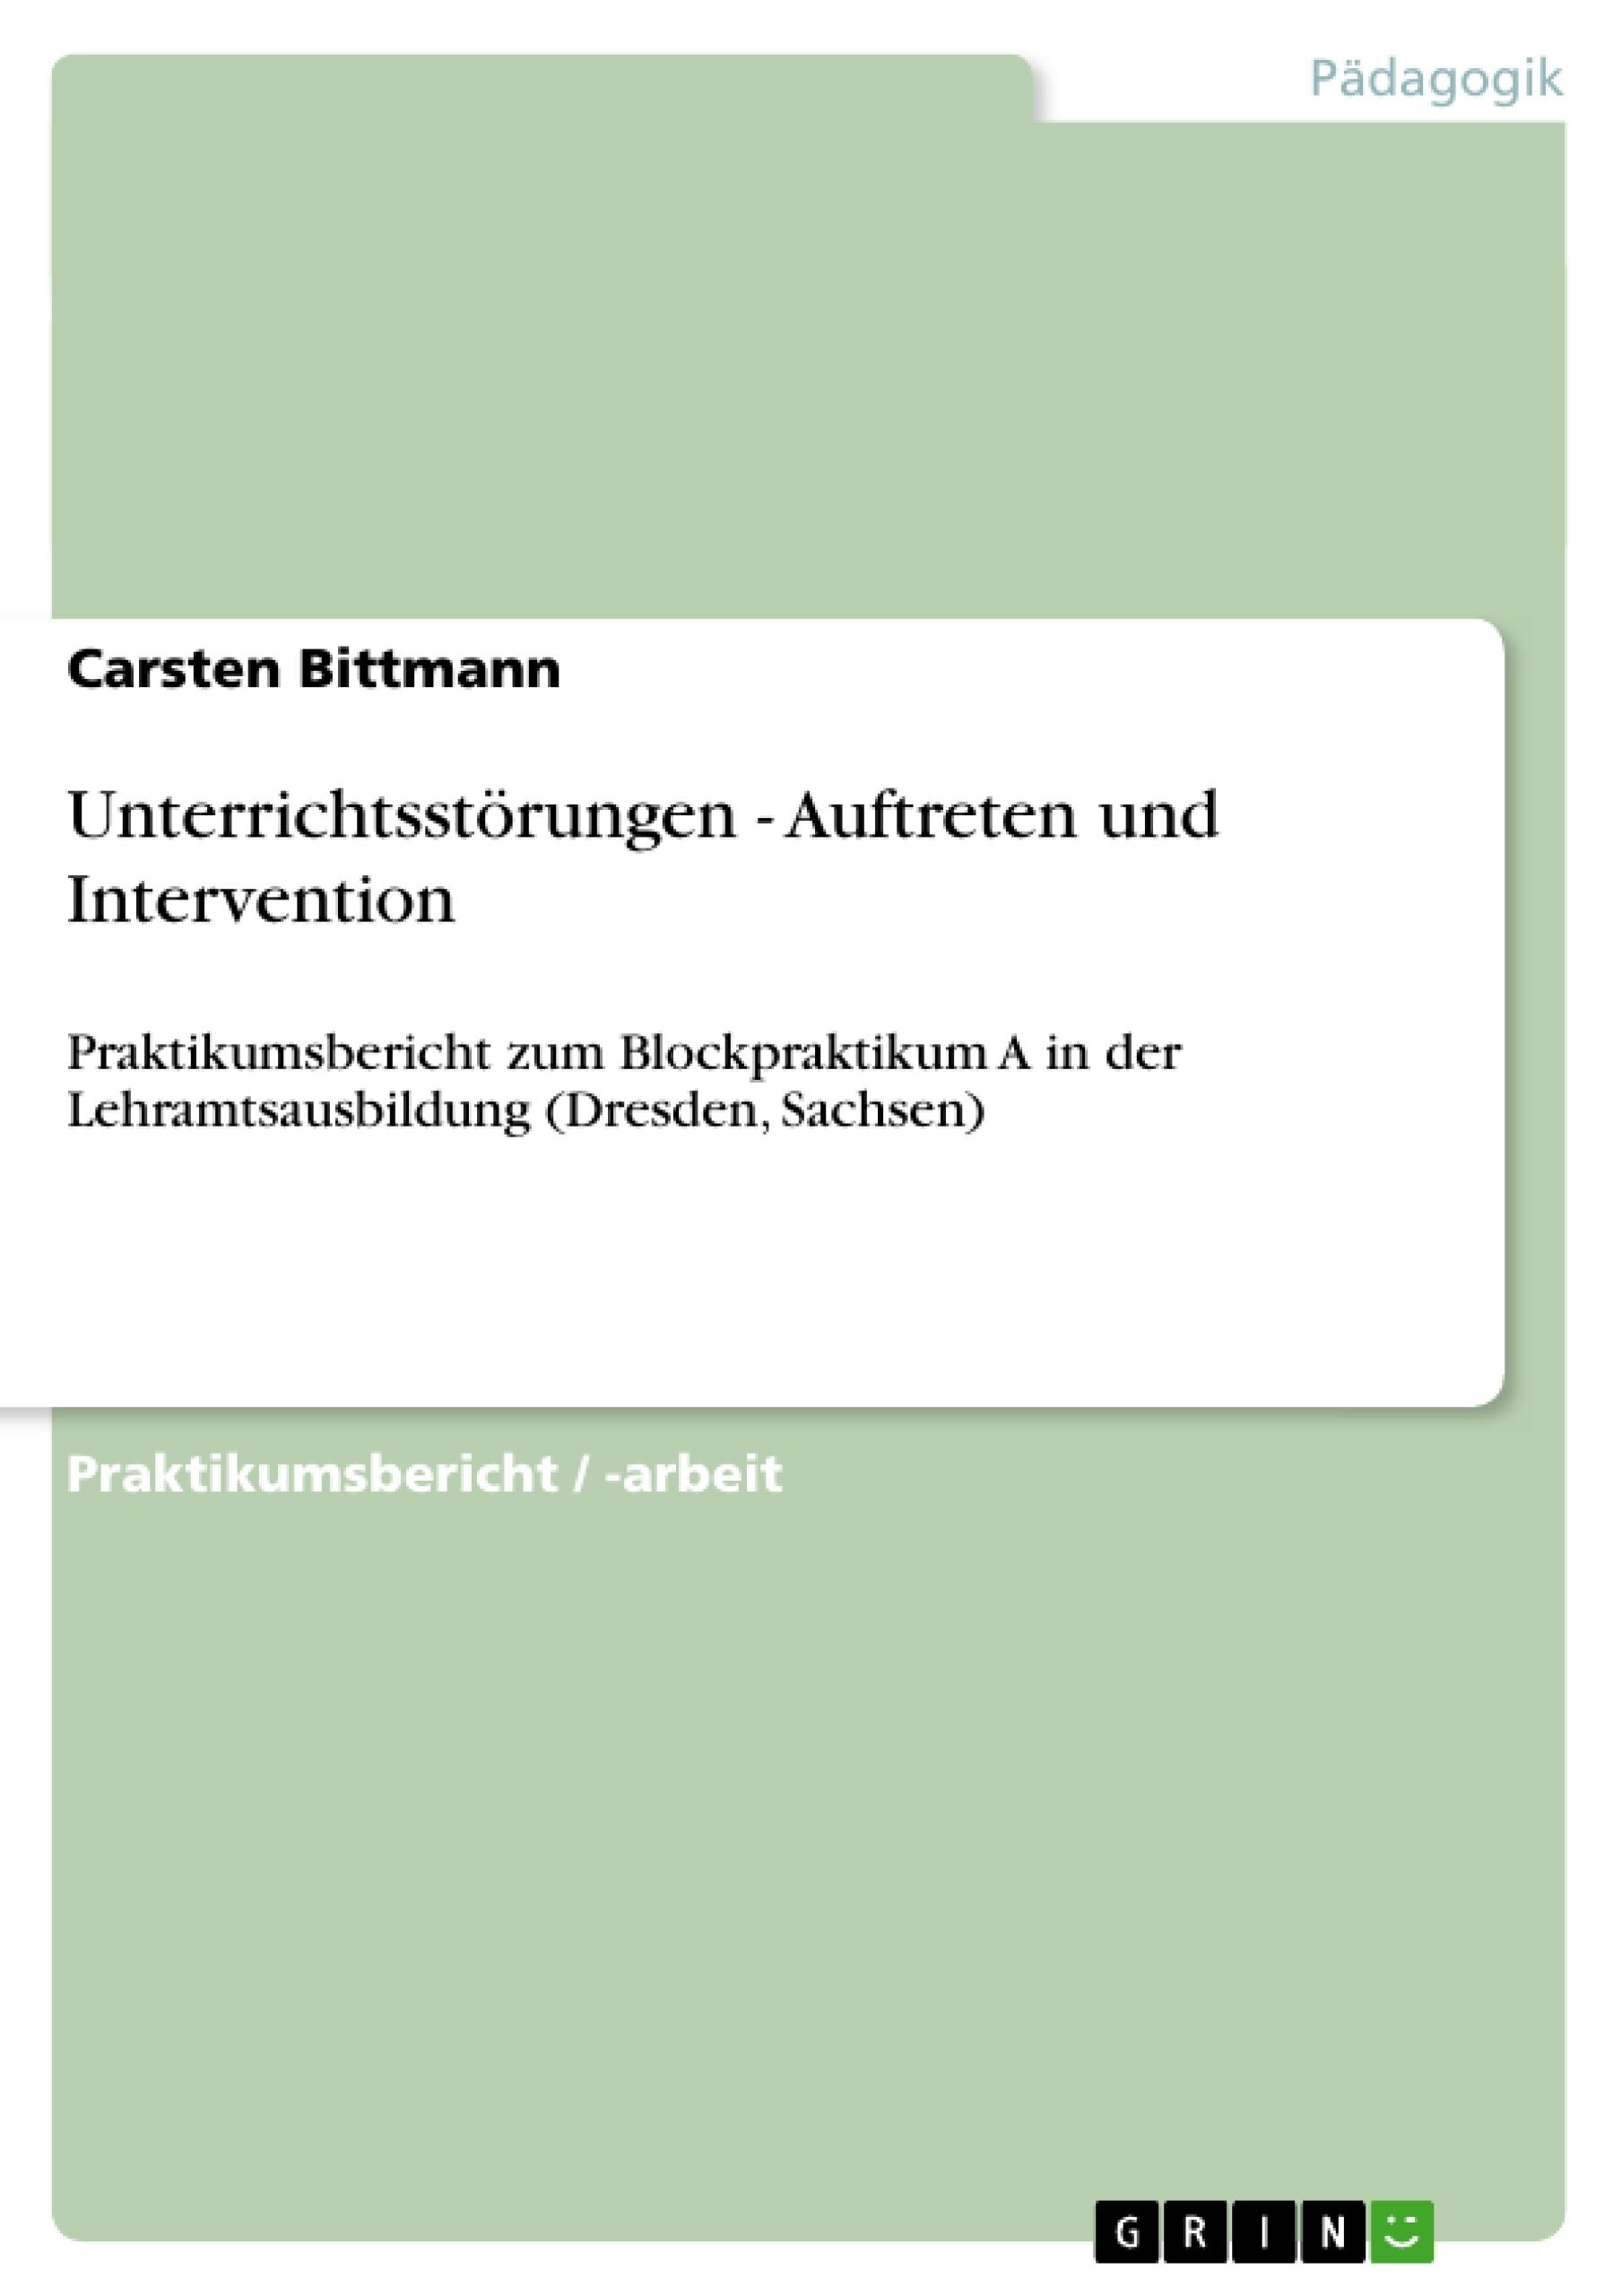 Titel: Unterrichtsstörungen - Auftreten und Intervention